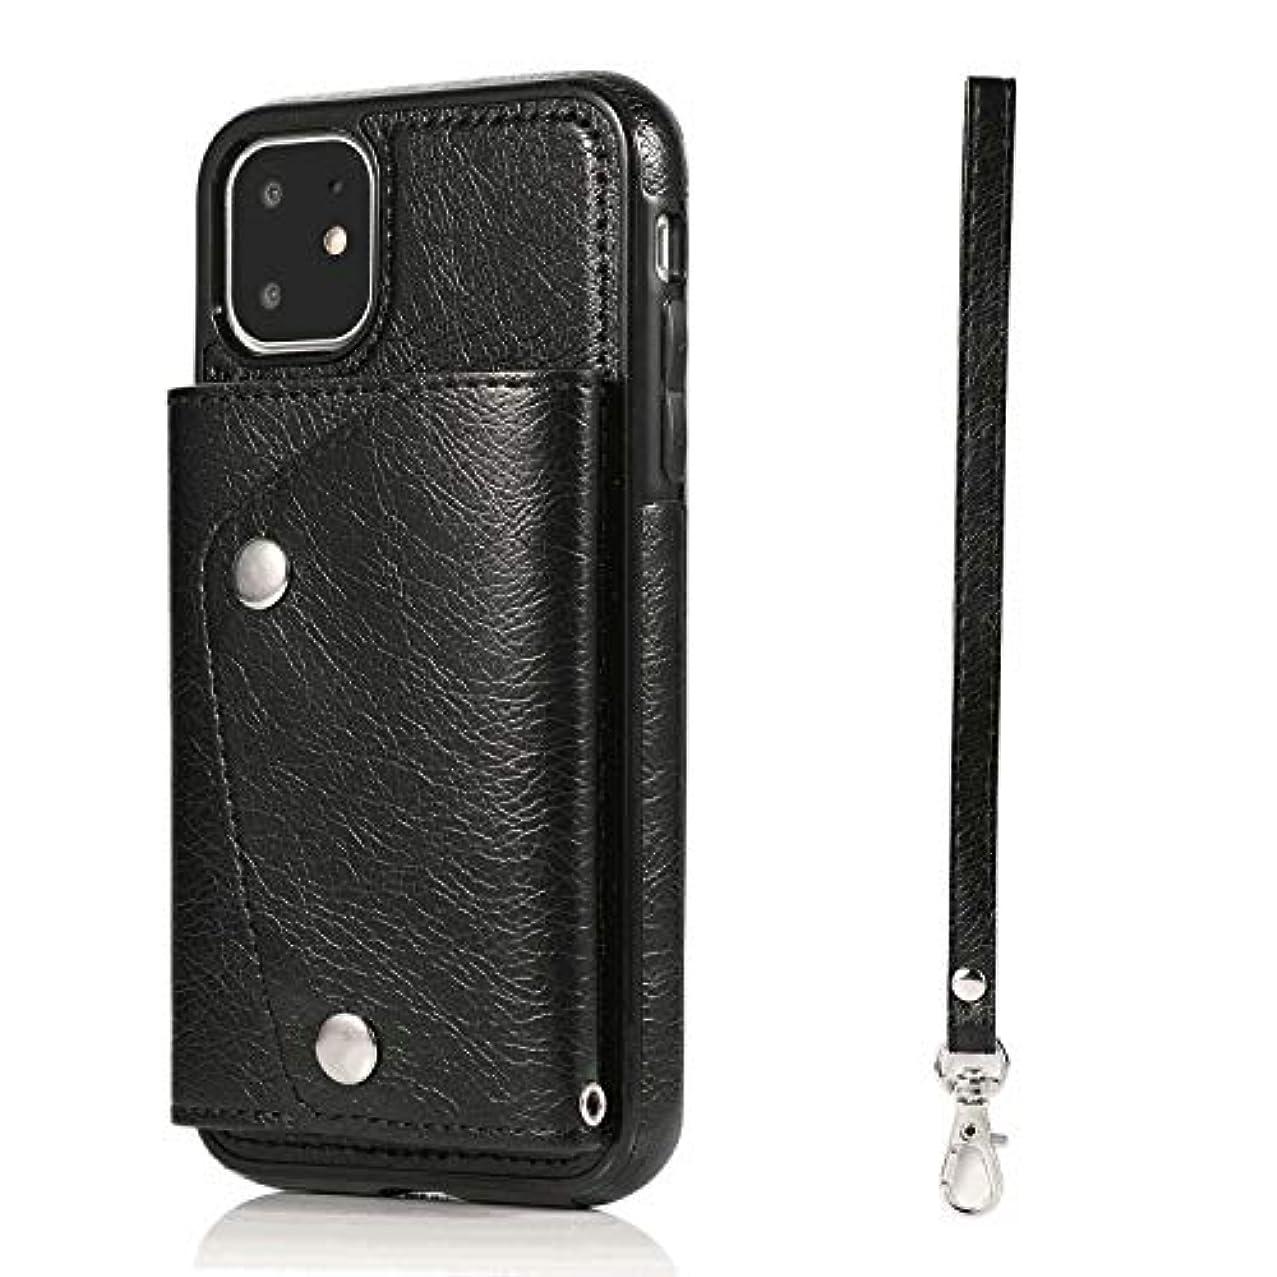 作成者協会化合物手帳型 ケース 対応 サムスン ギャラクシー Samsung Galaxy S20 防指紋 携帯ケース PUレザー 本革 手帳型ケース